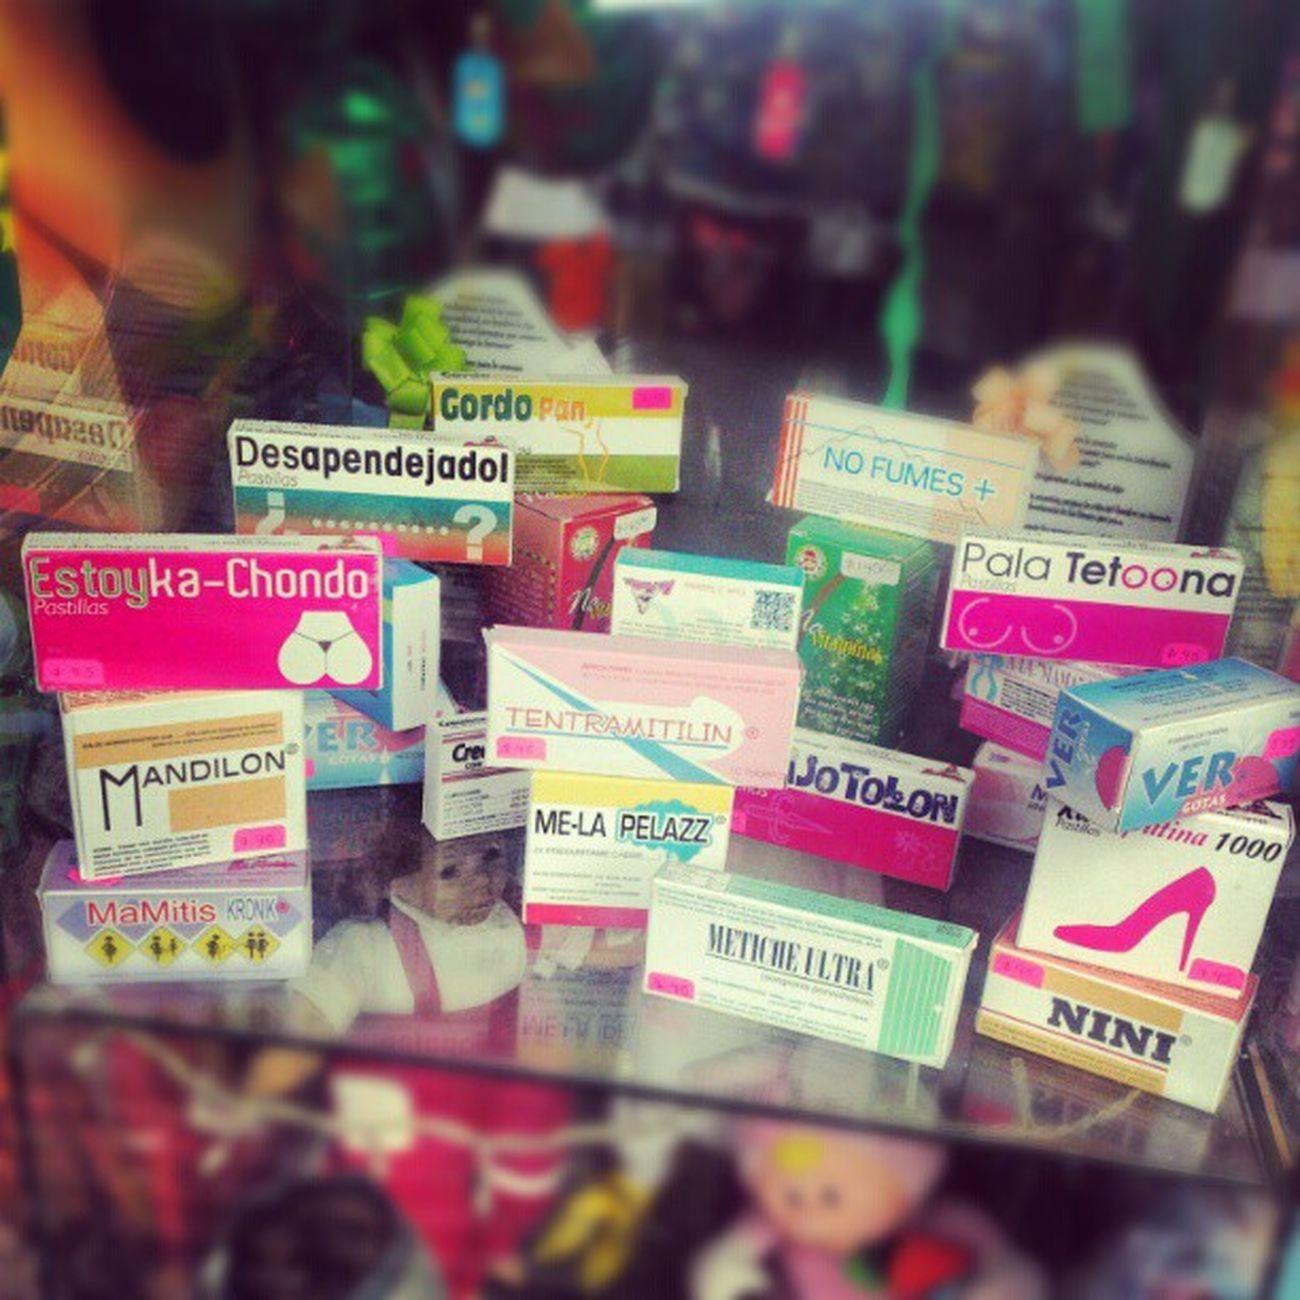 CamarenaFarmacias Farmacia Medicinas BuenasMedicinas LoQueMeRecetoElDr. FarmaciasCamarena